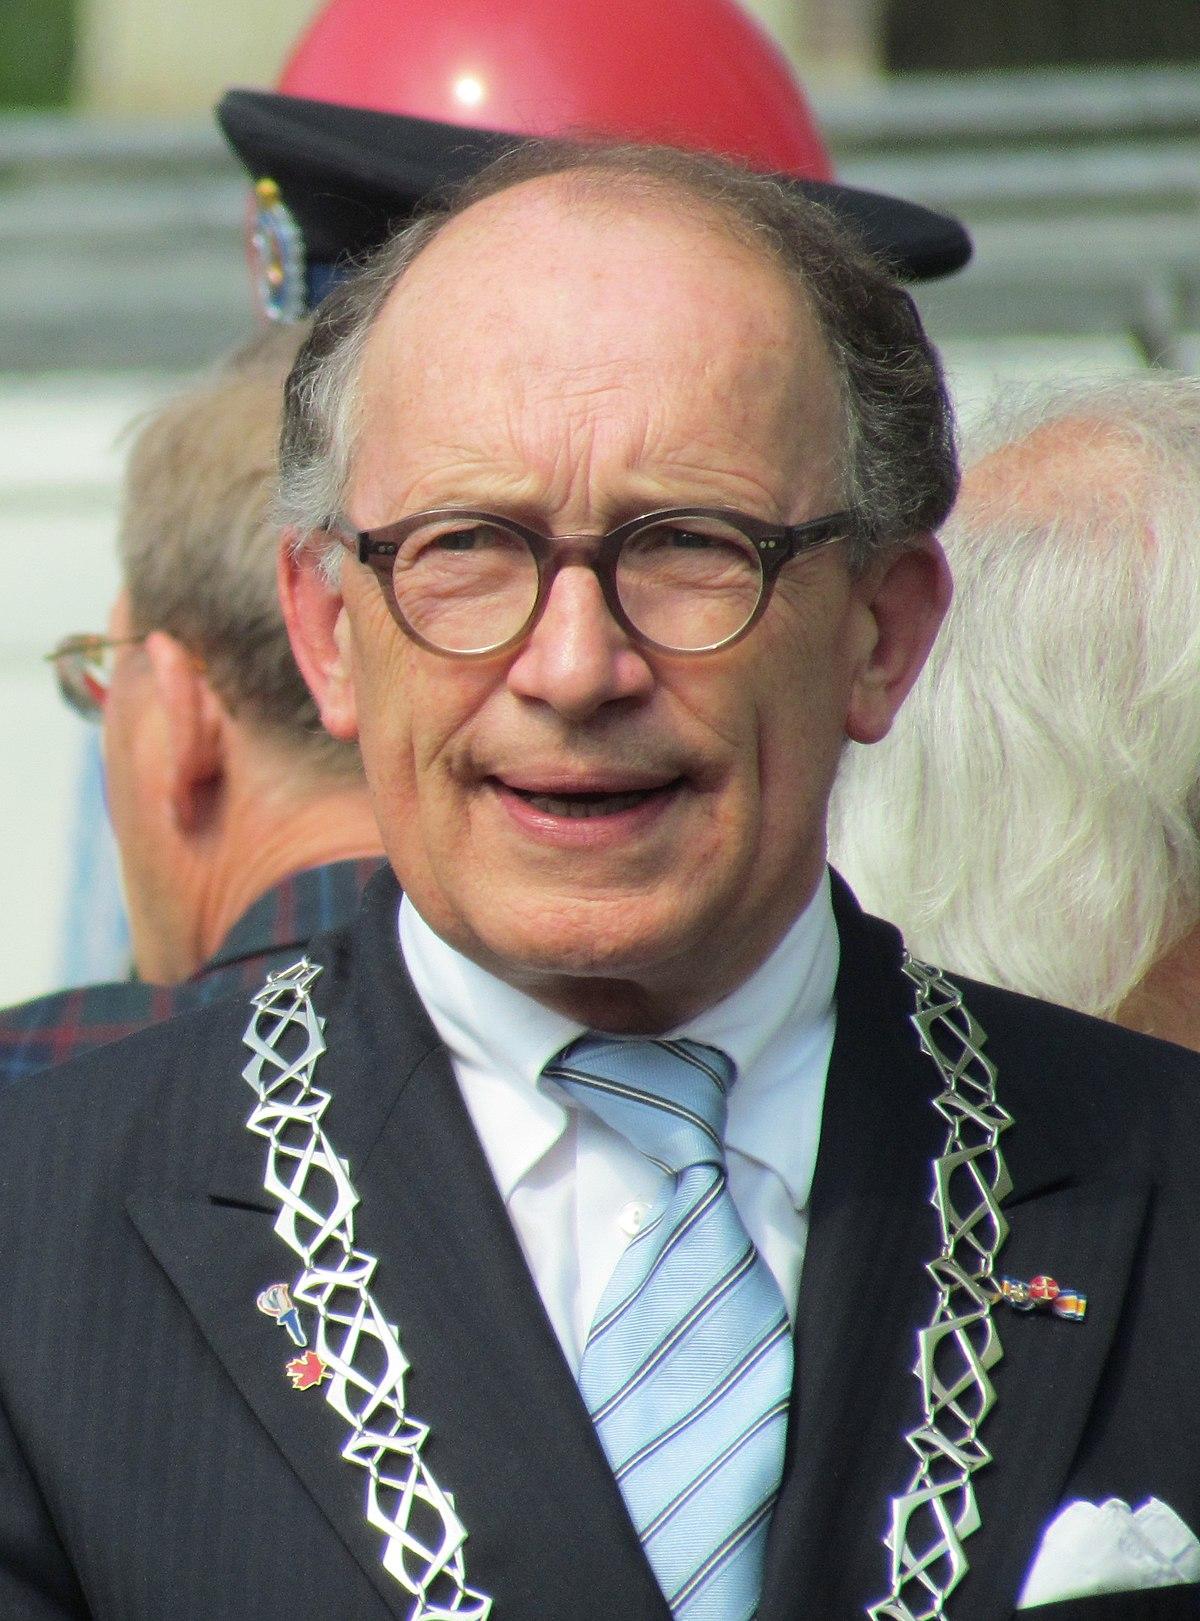 Fred de Graaf - Wikipedia